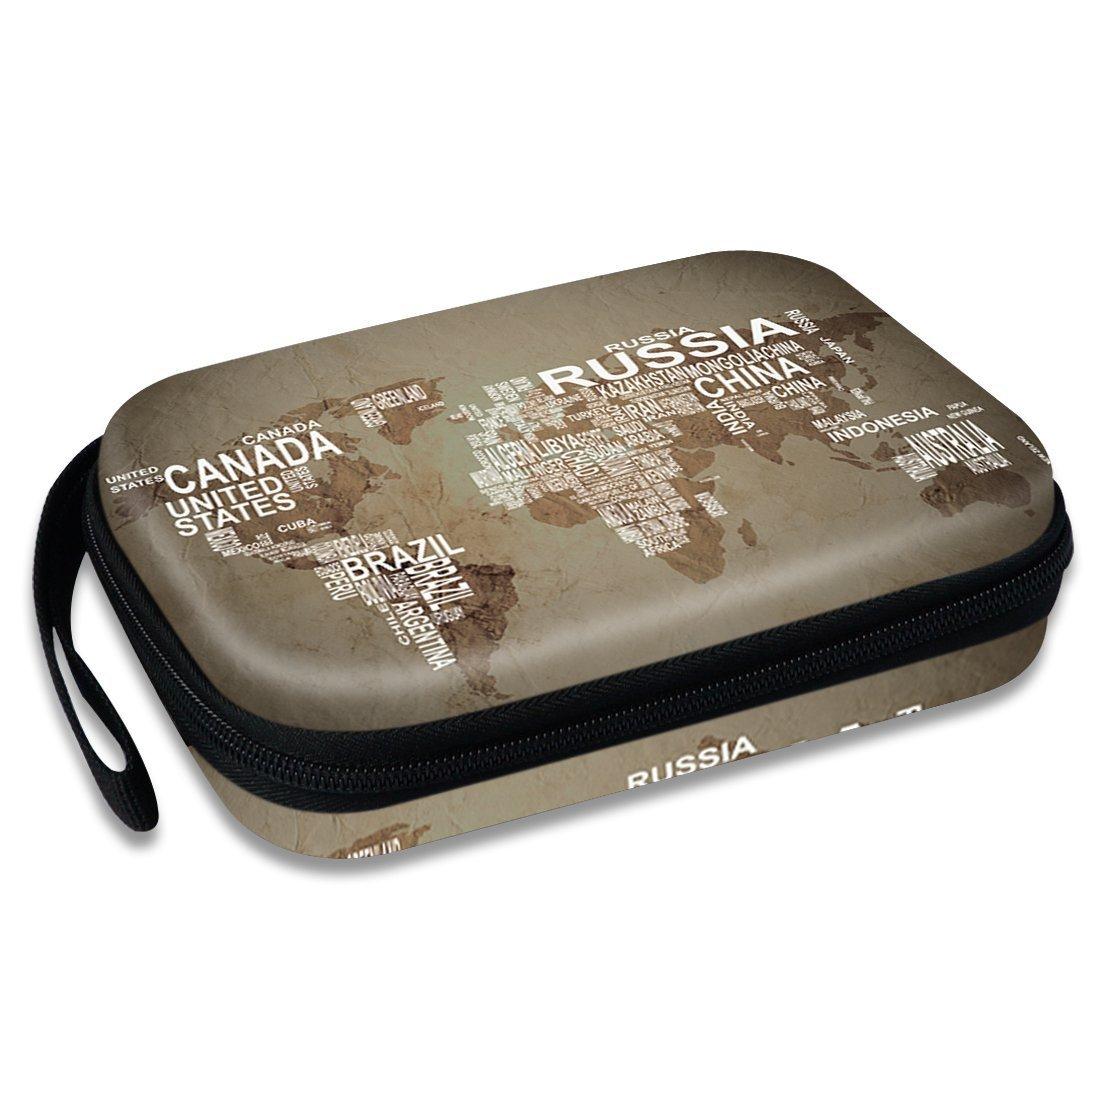 Rand McNally 7-Inch GPS Hard Case 528005197